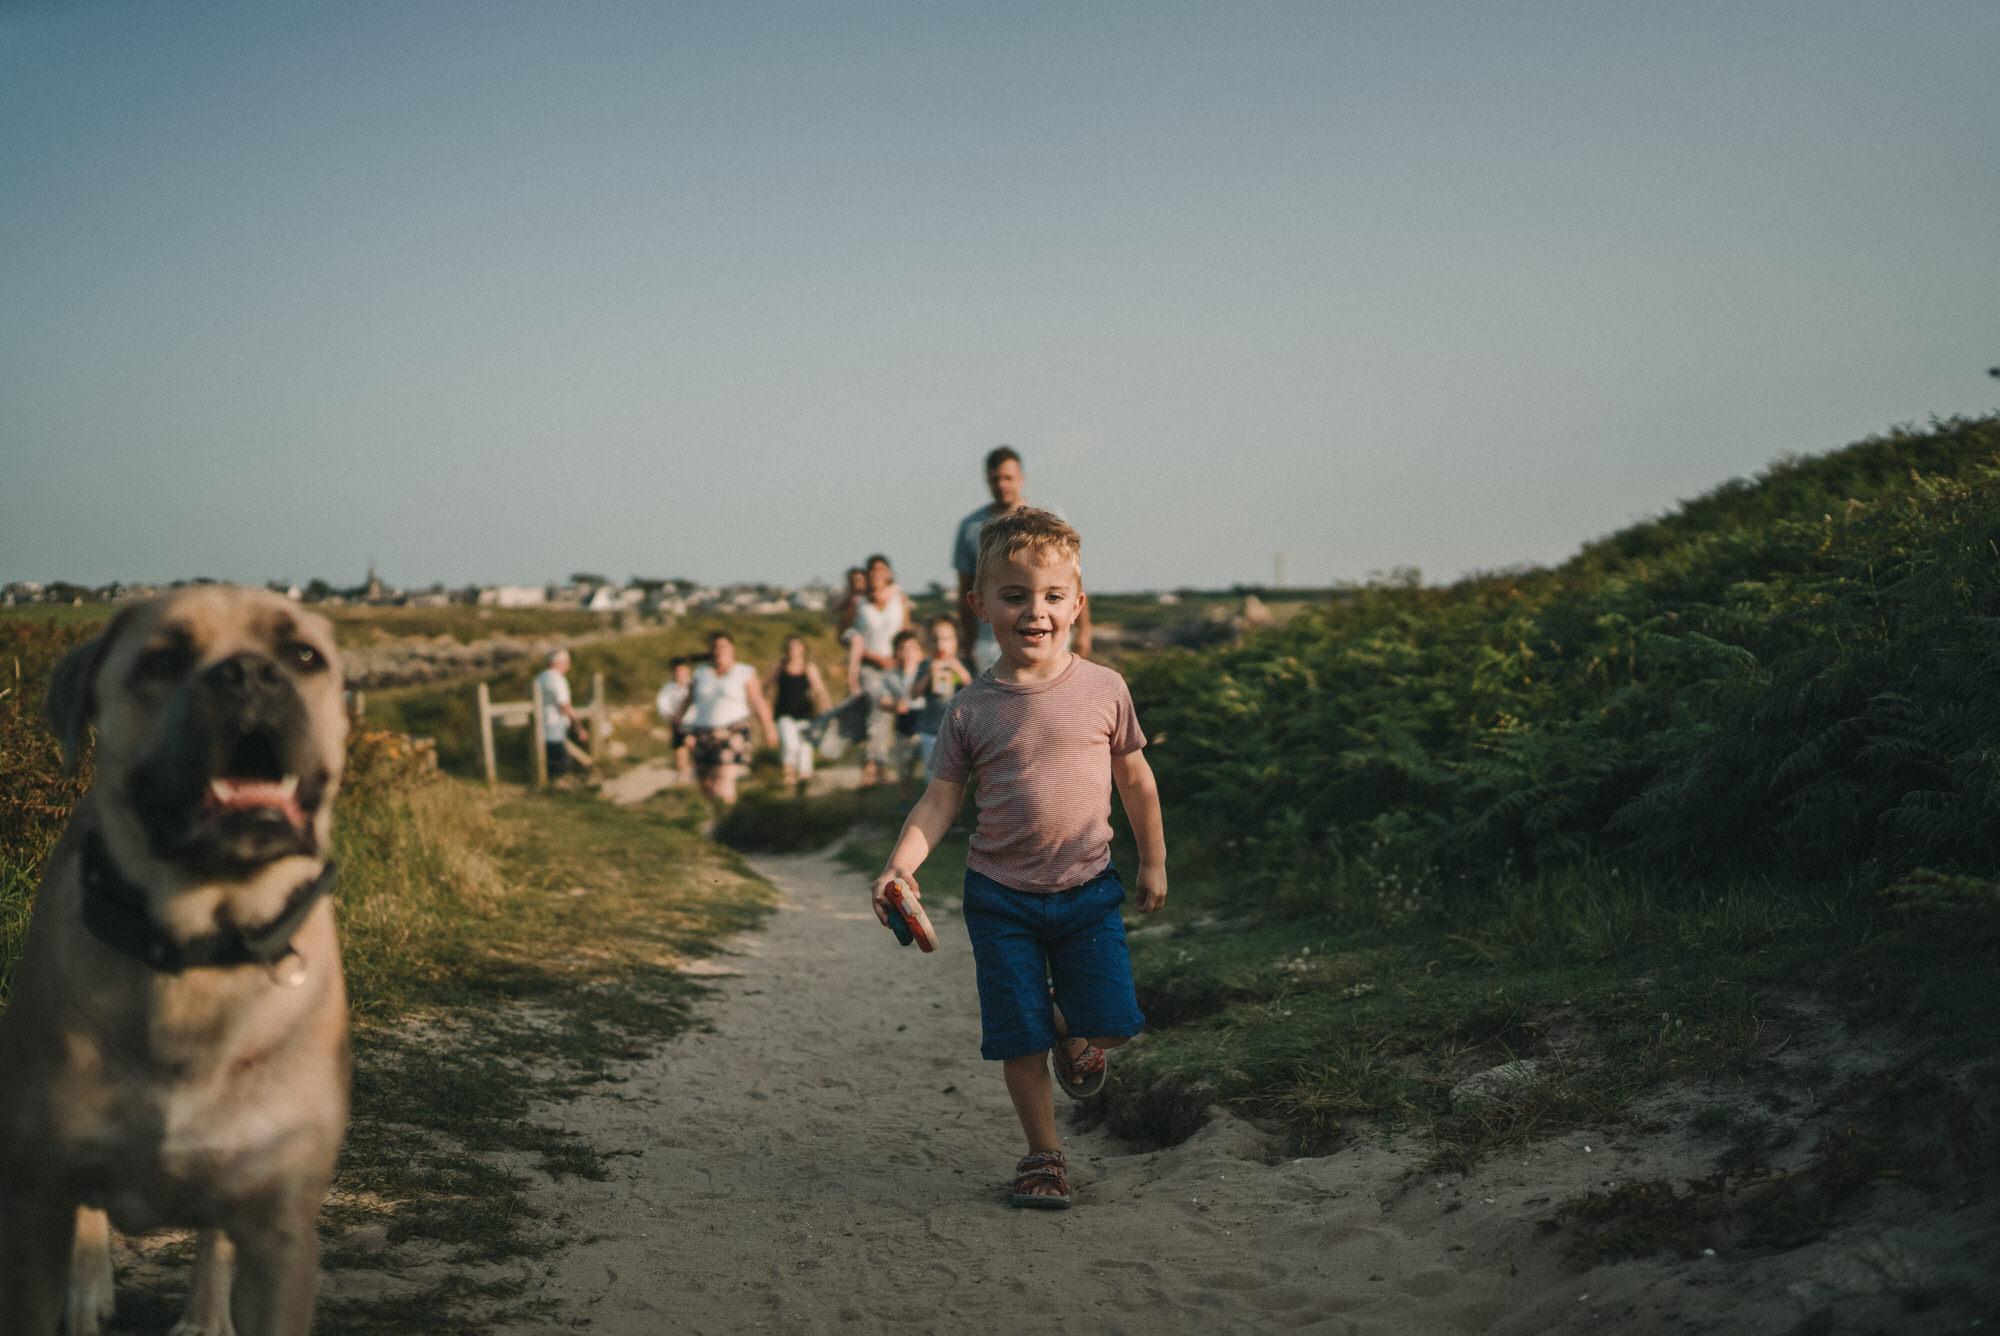 2021.07.20 Photo De Famille A Porspoder En Bretagne Par Antoine Borzeix 3, Photographe & Videaste à Brest / Finistère